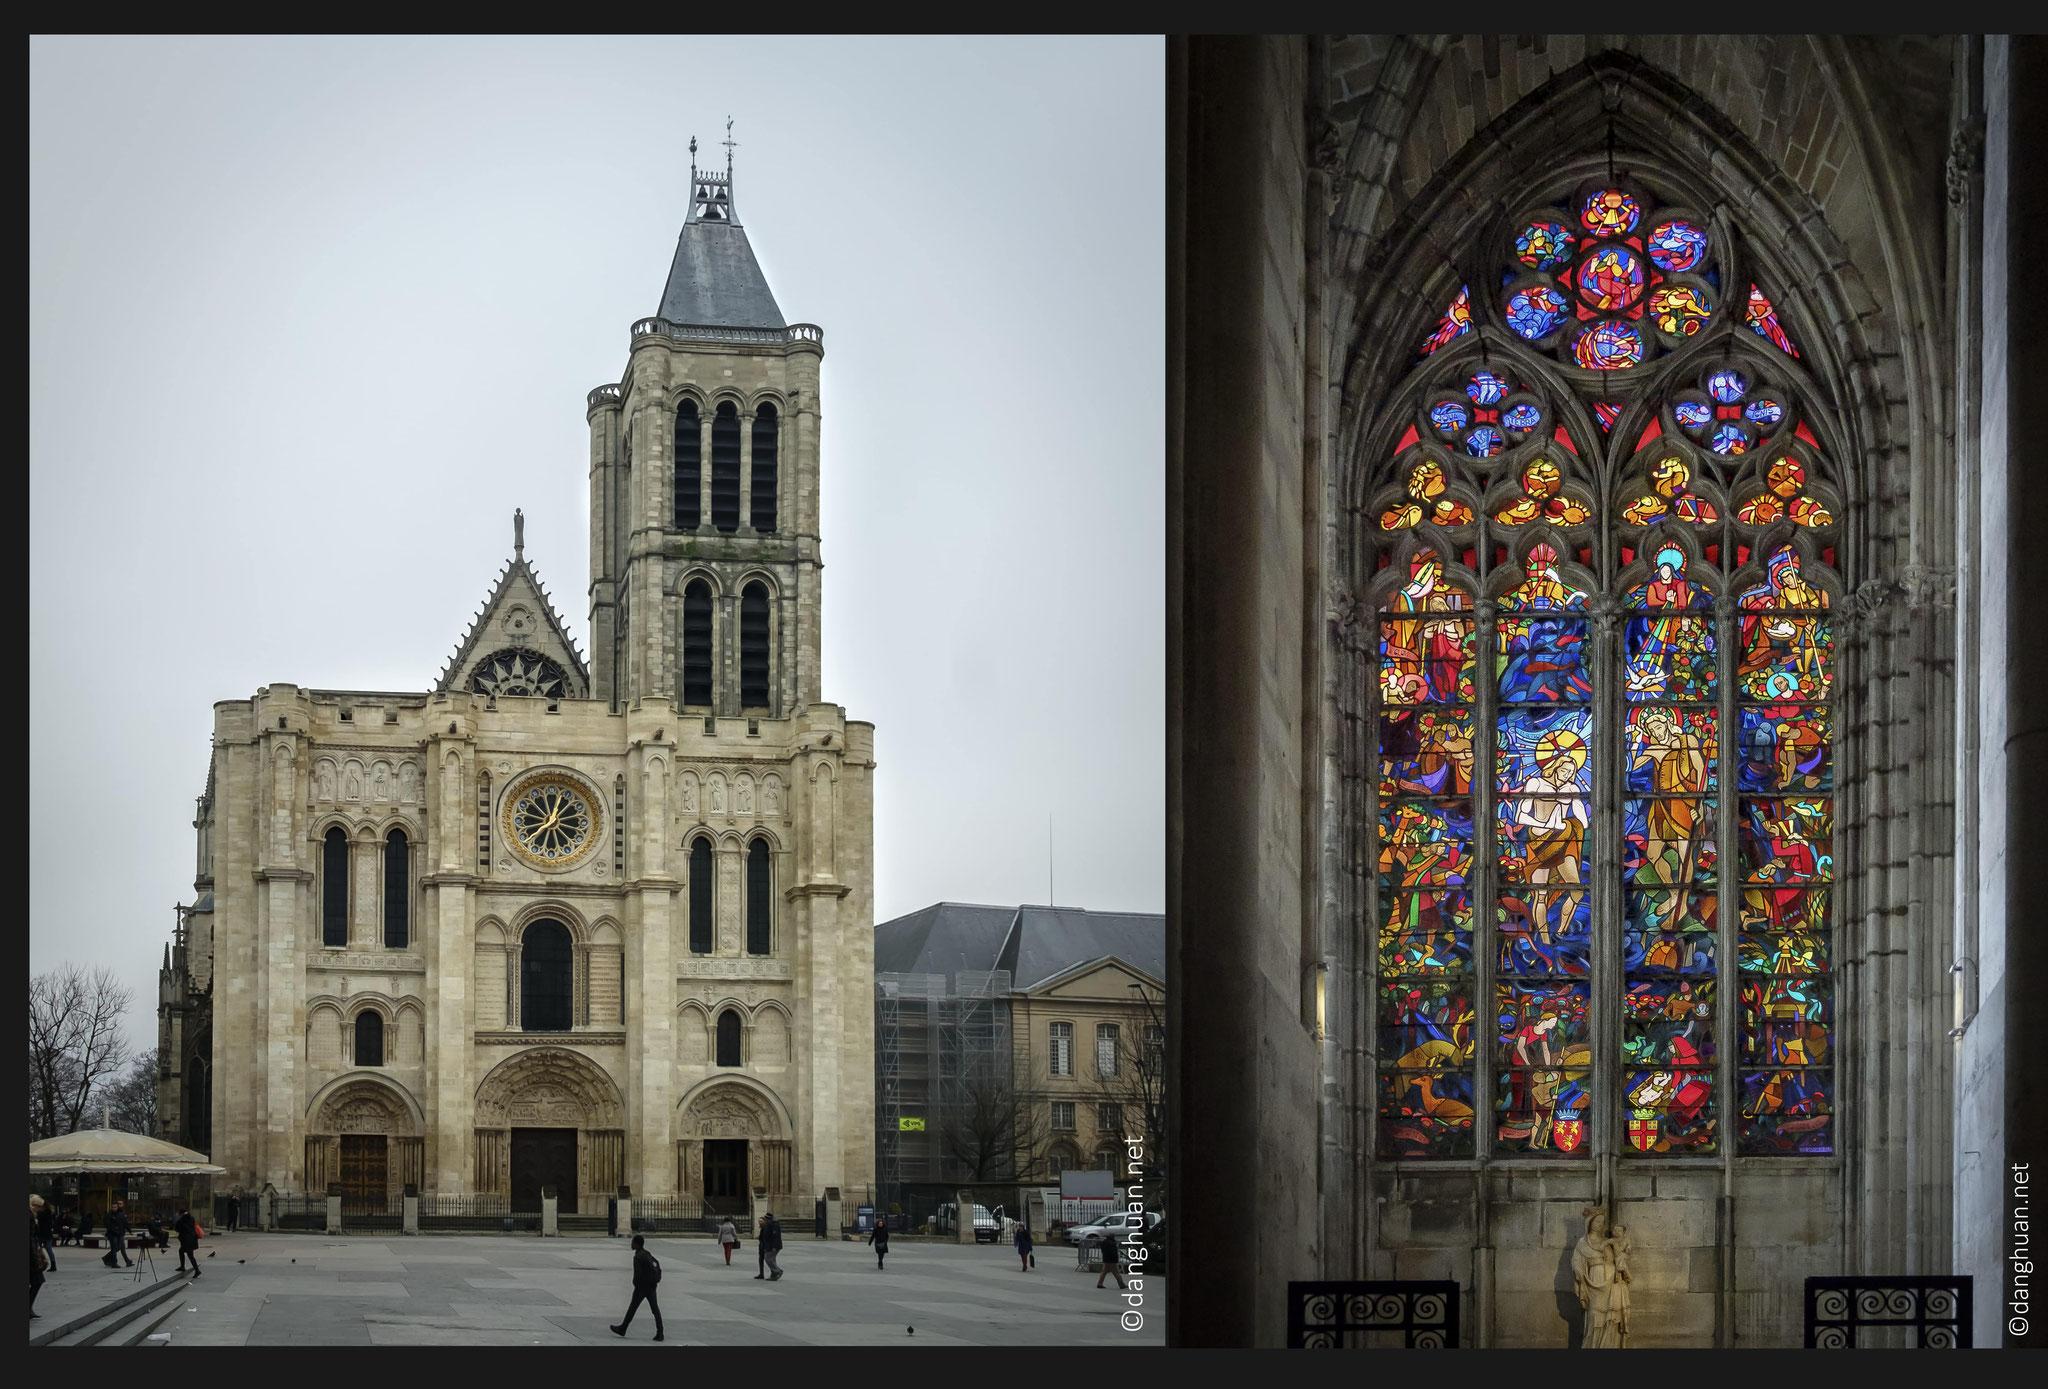 Basilique Cathédrale St Denis - Nécropole des rois de France ,  la façade date de 1135-1140 et le chevet de 1140-1144, les autres parties de l'église actuelle édifiées au temps de Saint Louis de 1230 à 1280, témoignage de l'apogée de l'art gothique